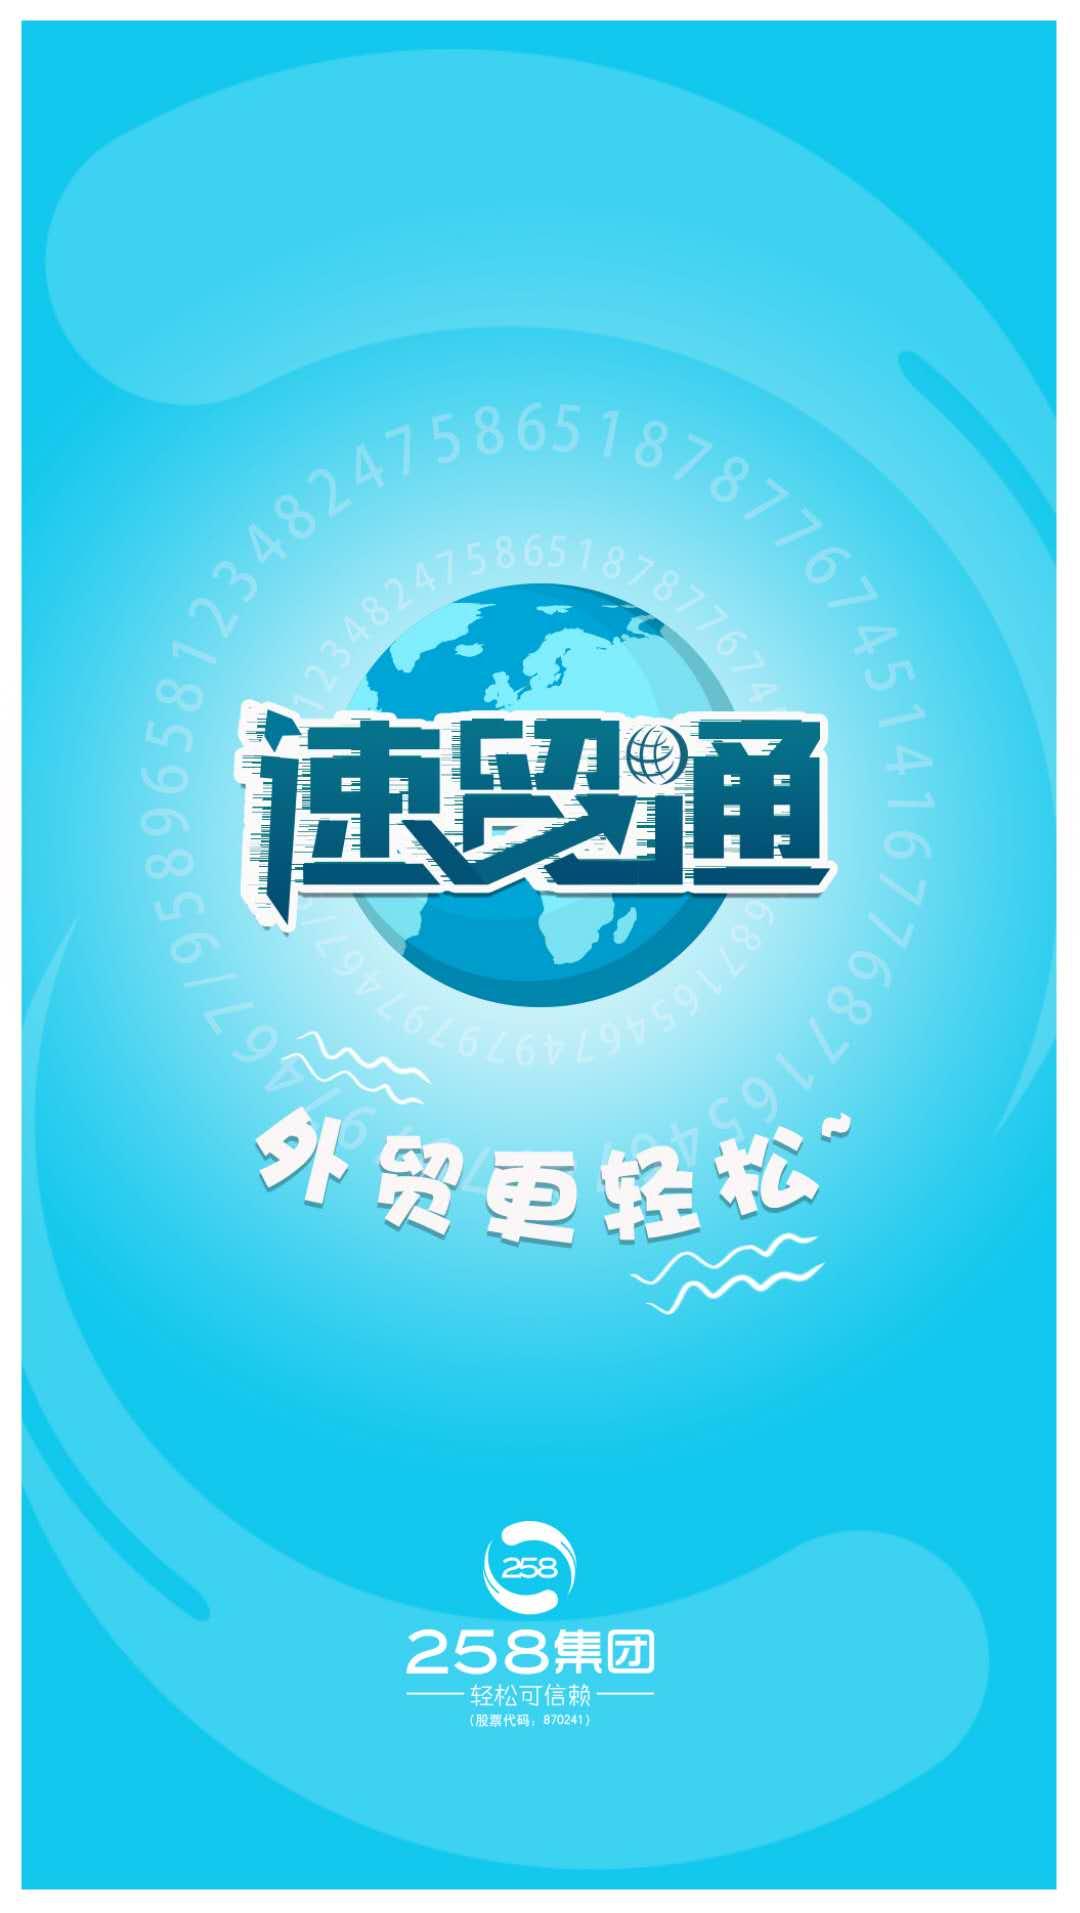 湖南天寻网_长沙专业谷歌优化公司|本地谷歌优化